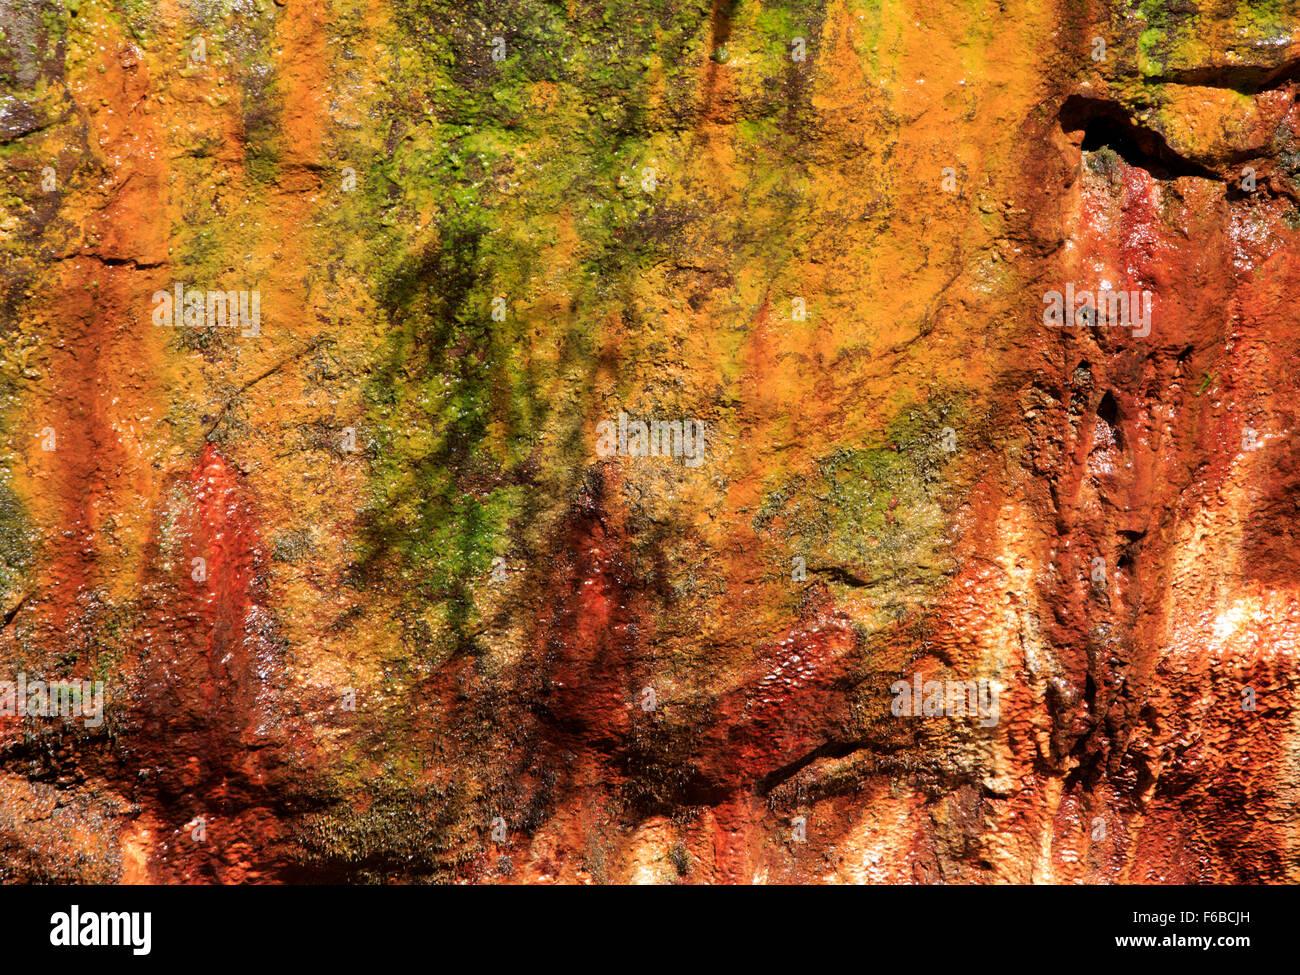 Bevorzugt Eisenflecken Stockfotos & Eisenflecken Bilder - Alamy EK01